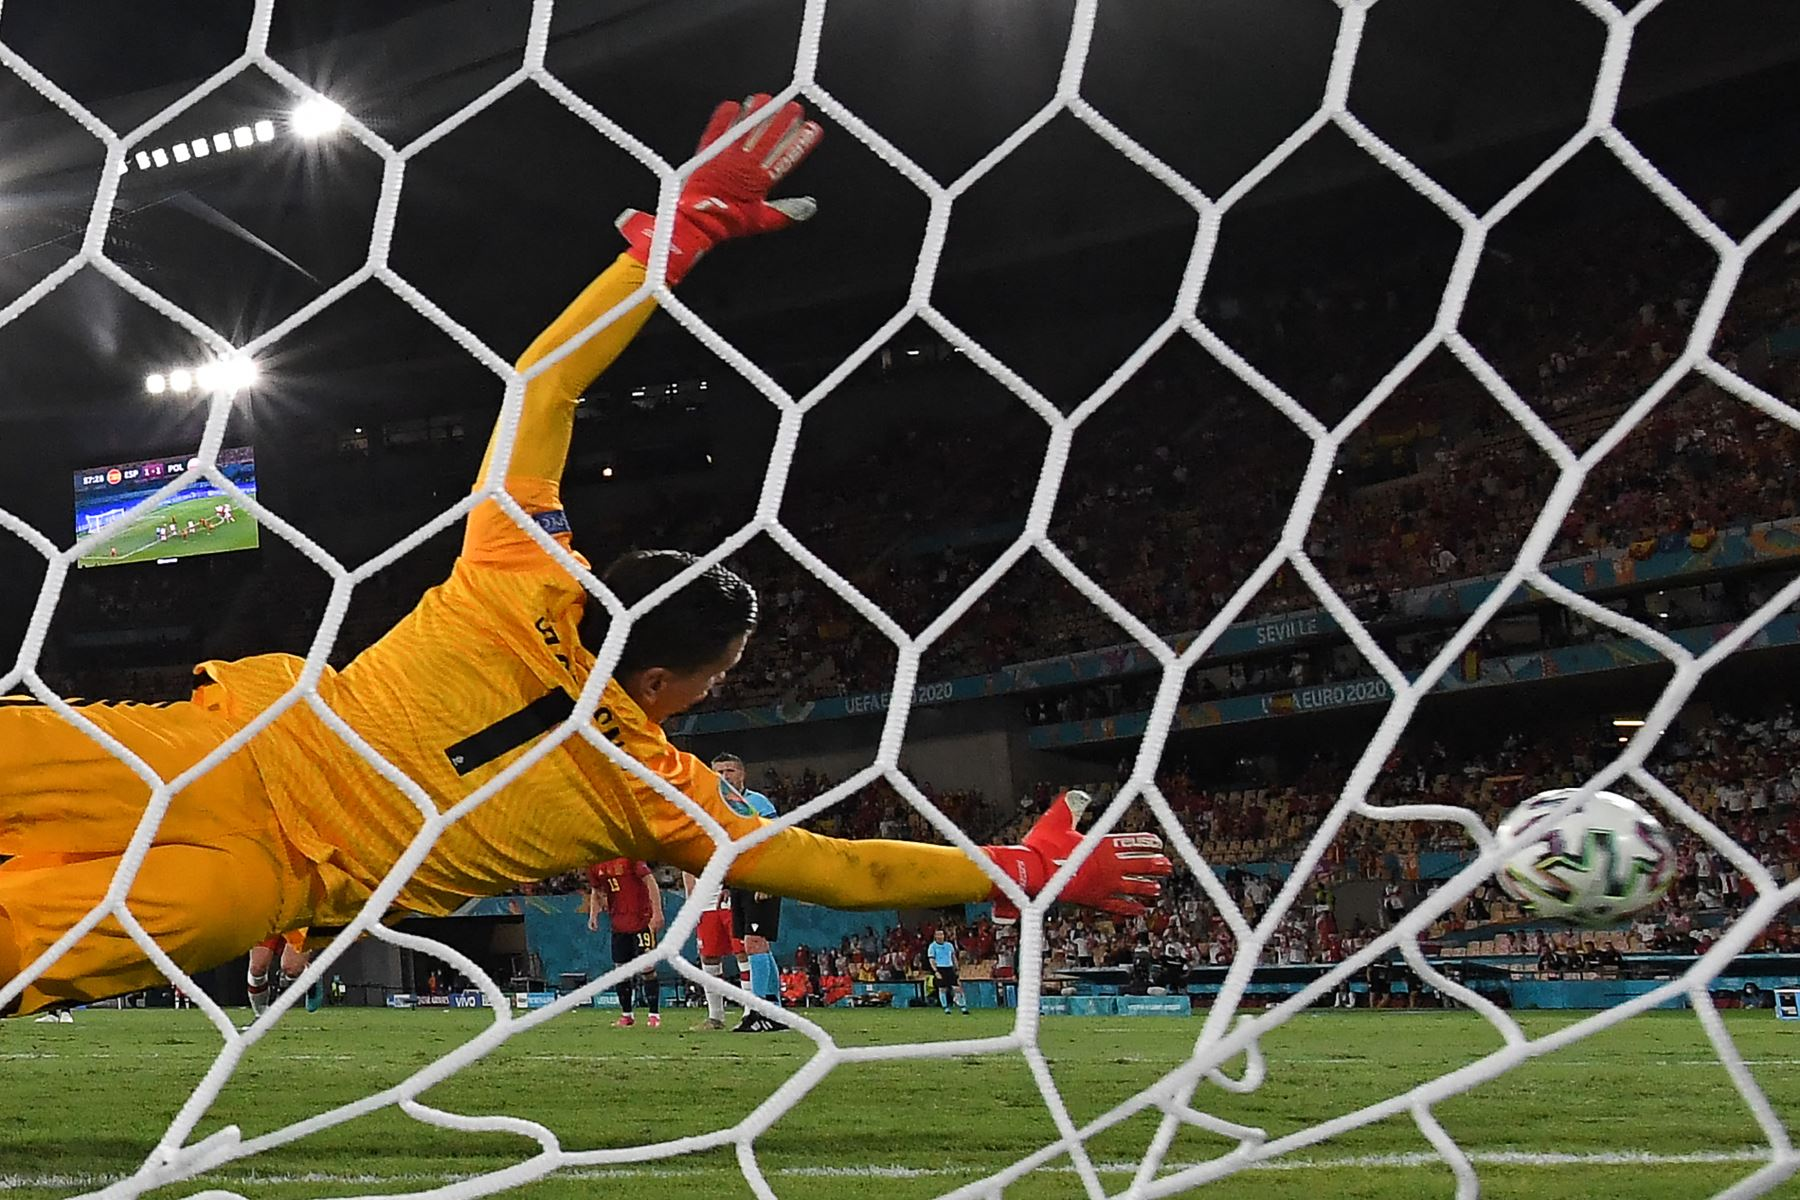 El portero polaco Wojciech Szczesny observa cómo el penalti golpea el poste de la portería durante el partido de fútbol del Grupo E de la UEFA EURO 2020 entre España y Polonia en el Estadio La Cartuja en Sevilla, España. Foto: AFP